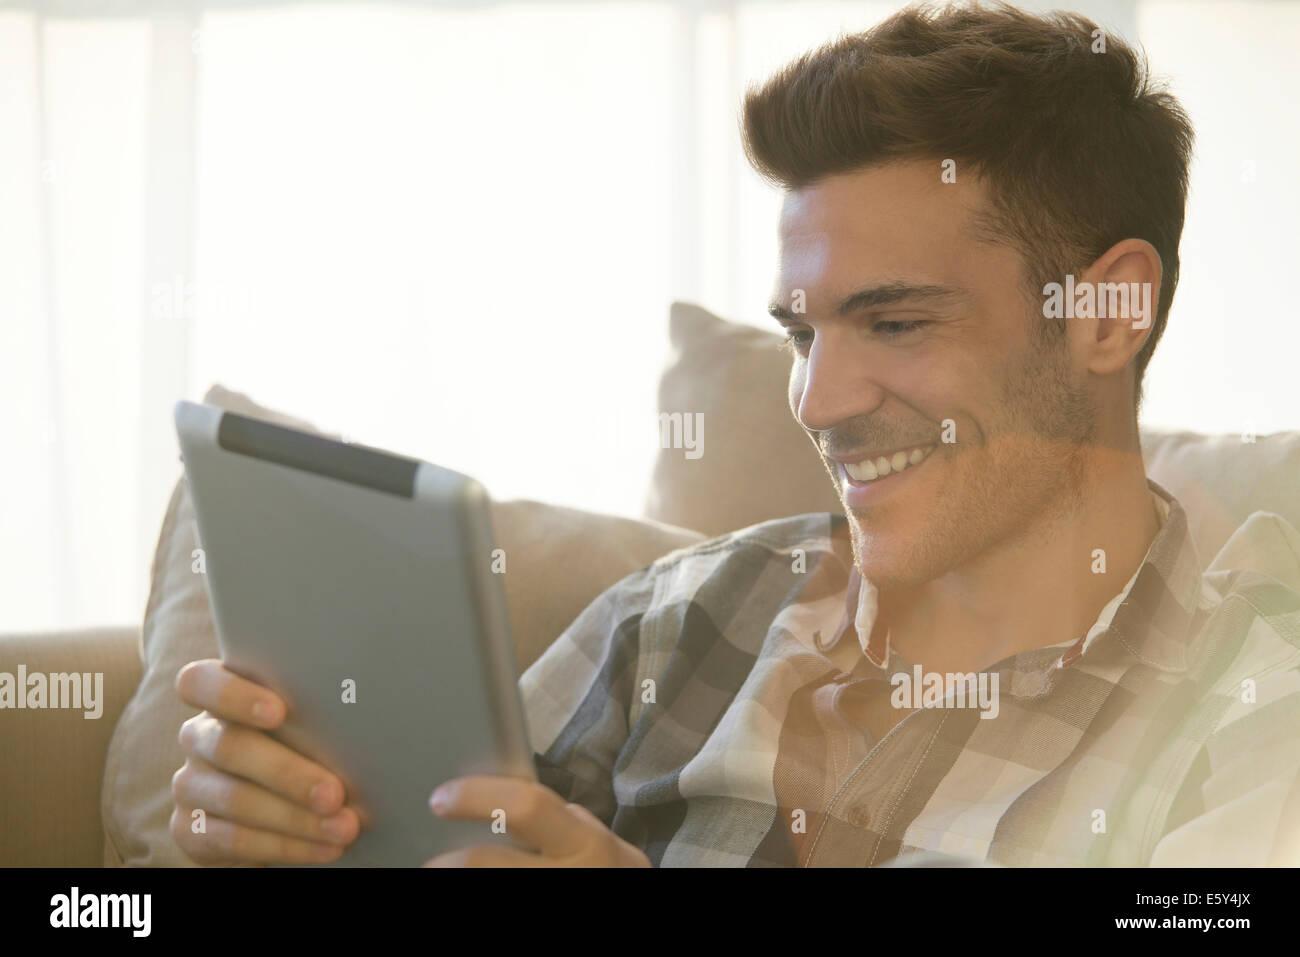 Tabletas digitales hacer videochats con amigos y seres queridos fácil Foto de stock